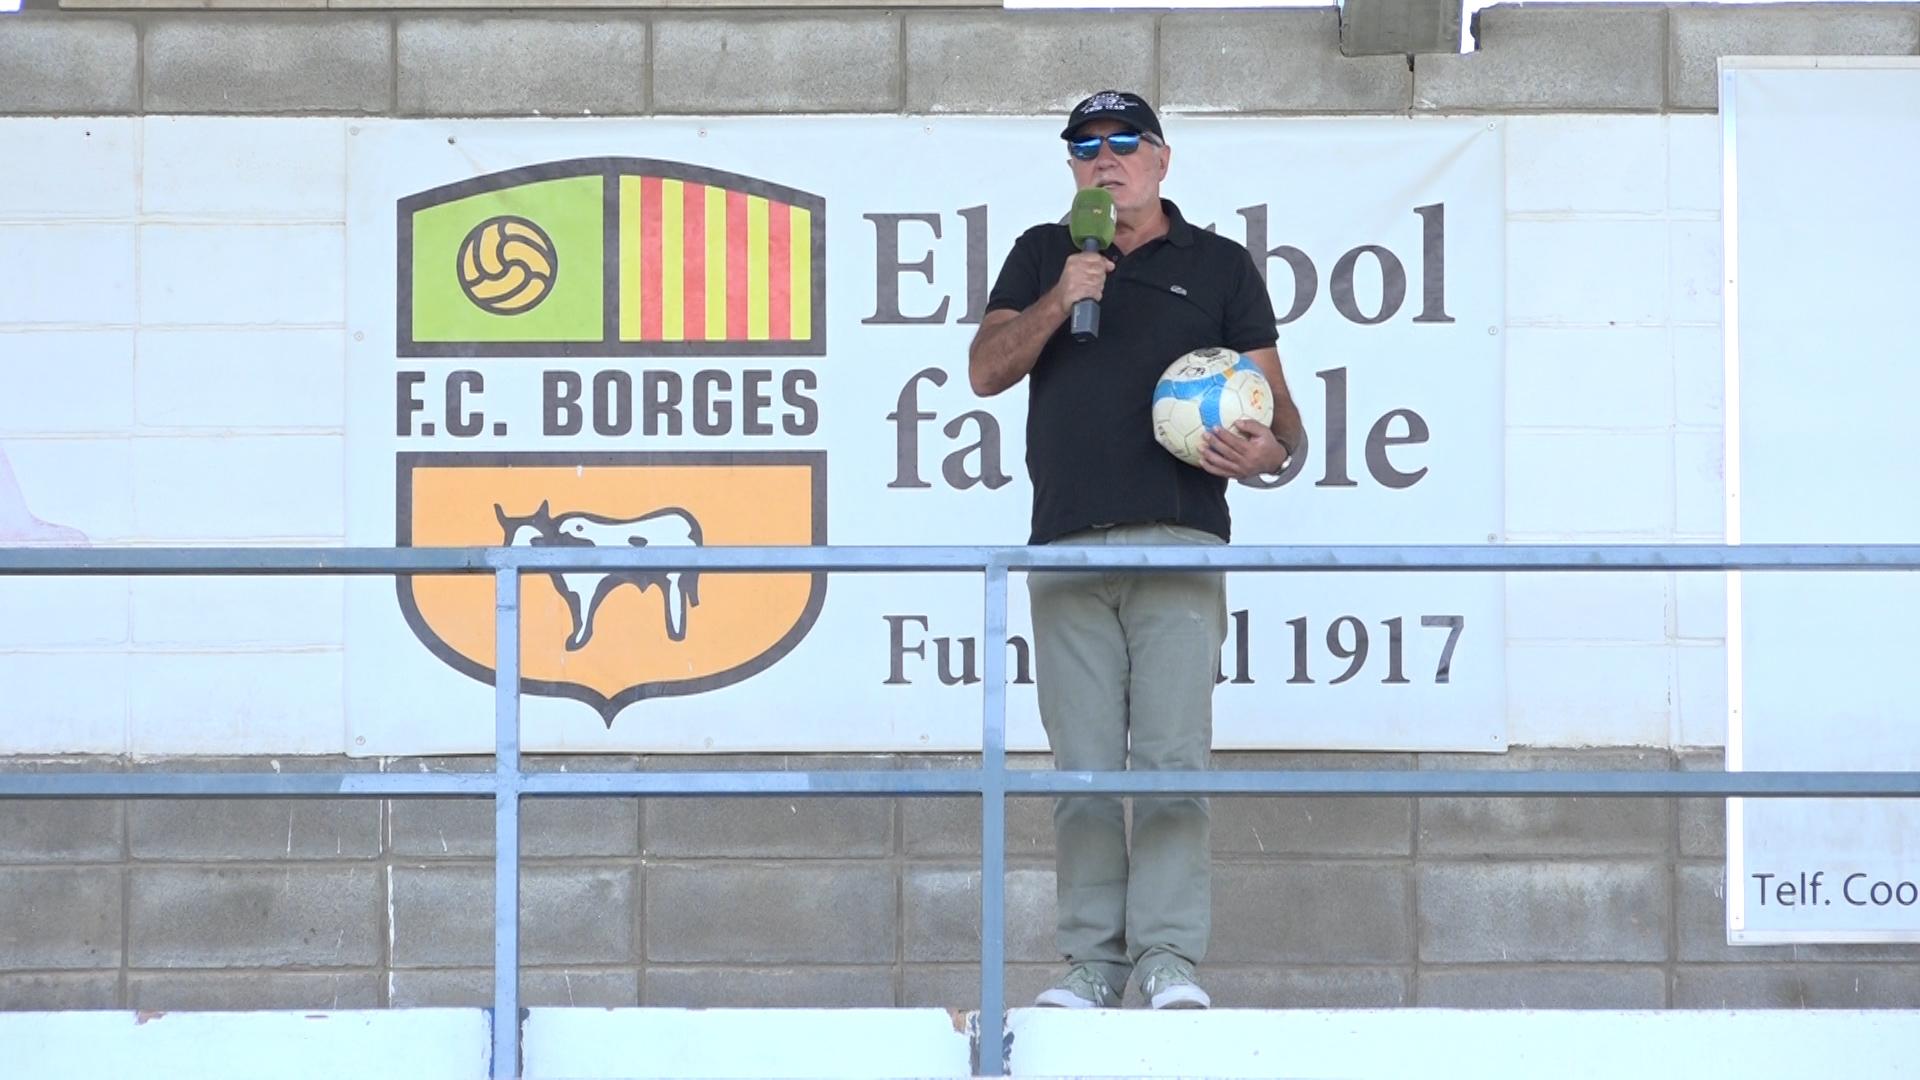 Presentació partit Lleida-Borges.00_01_04_20.Imagen fija001